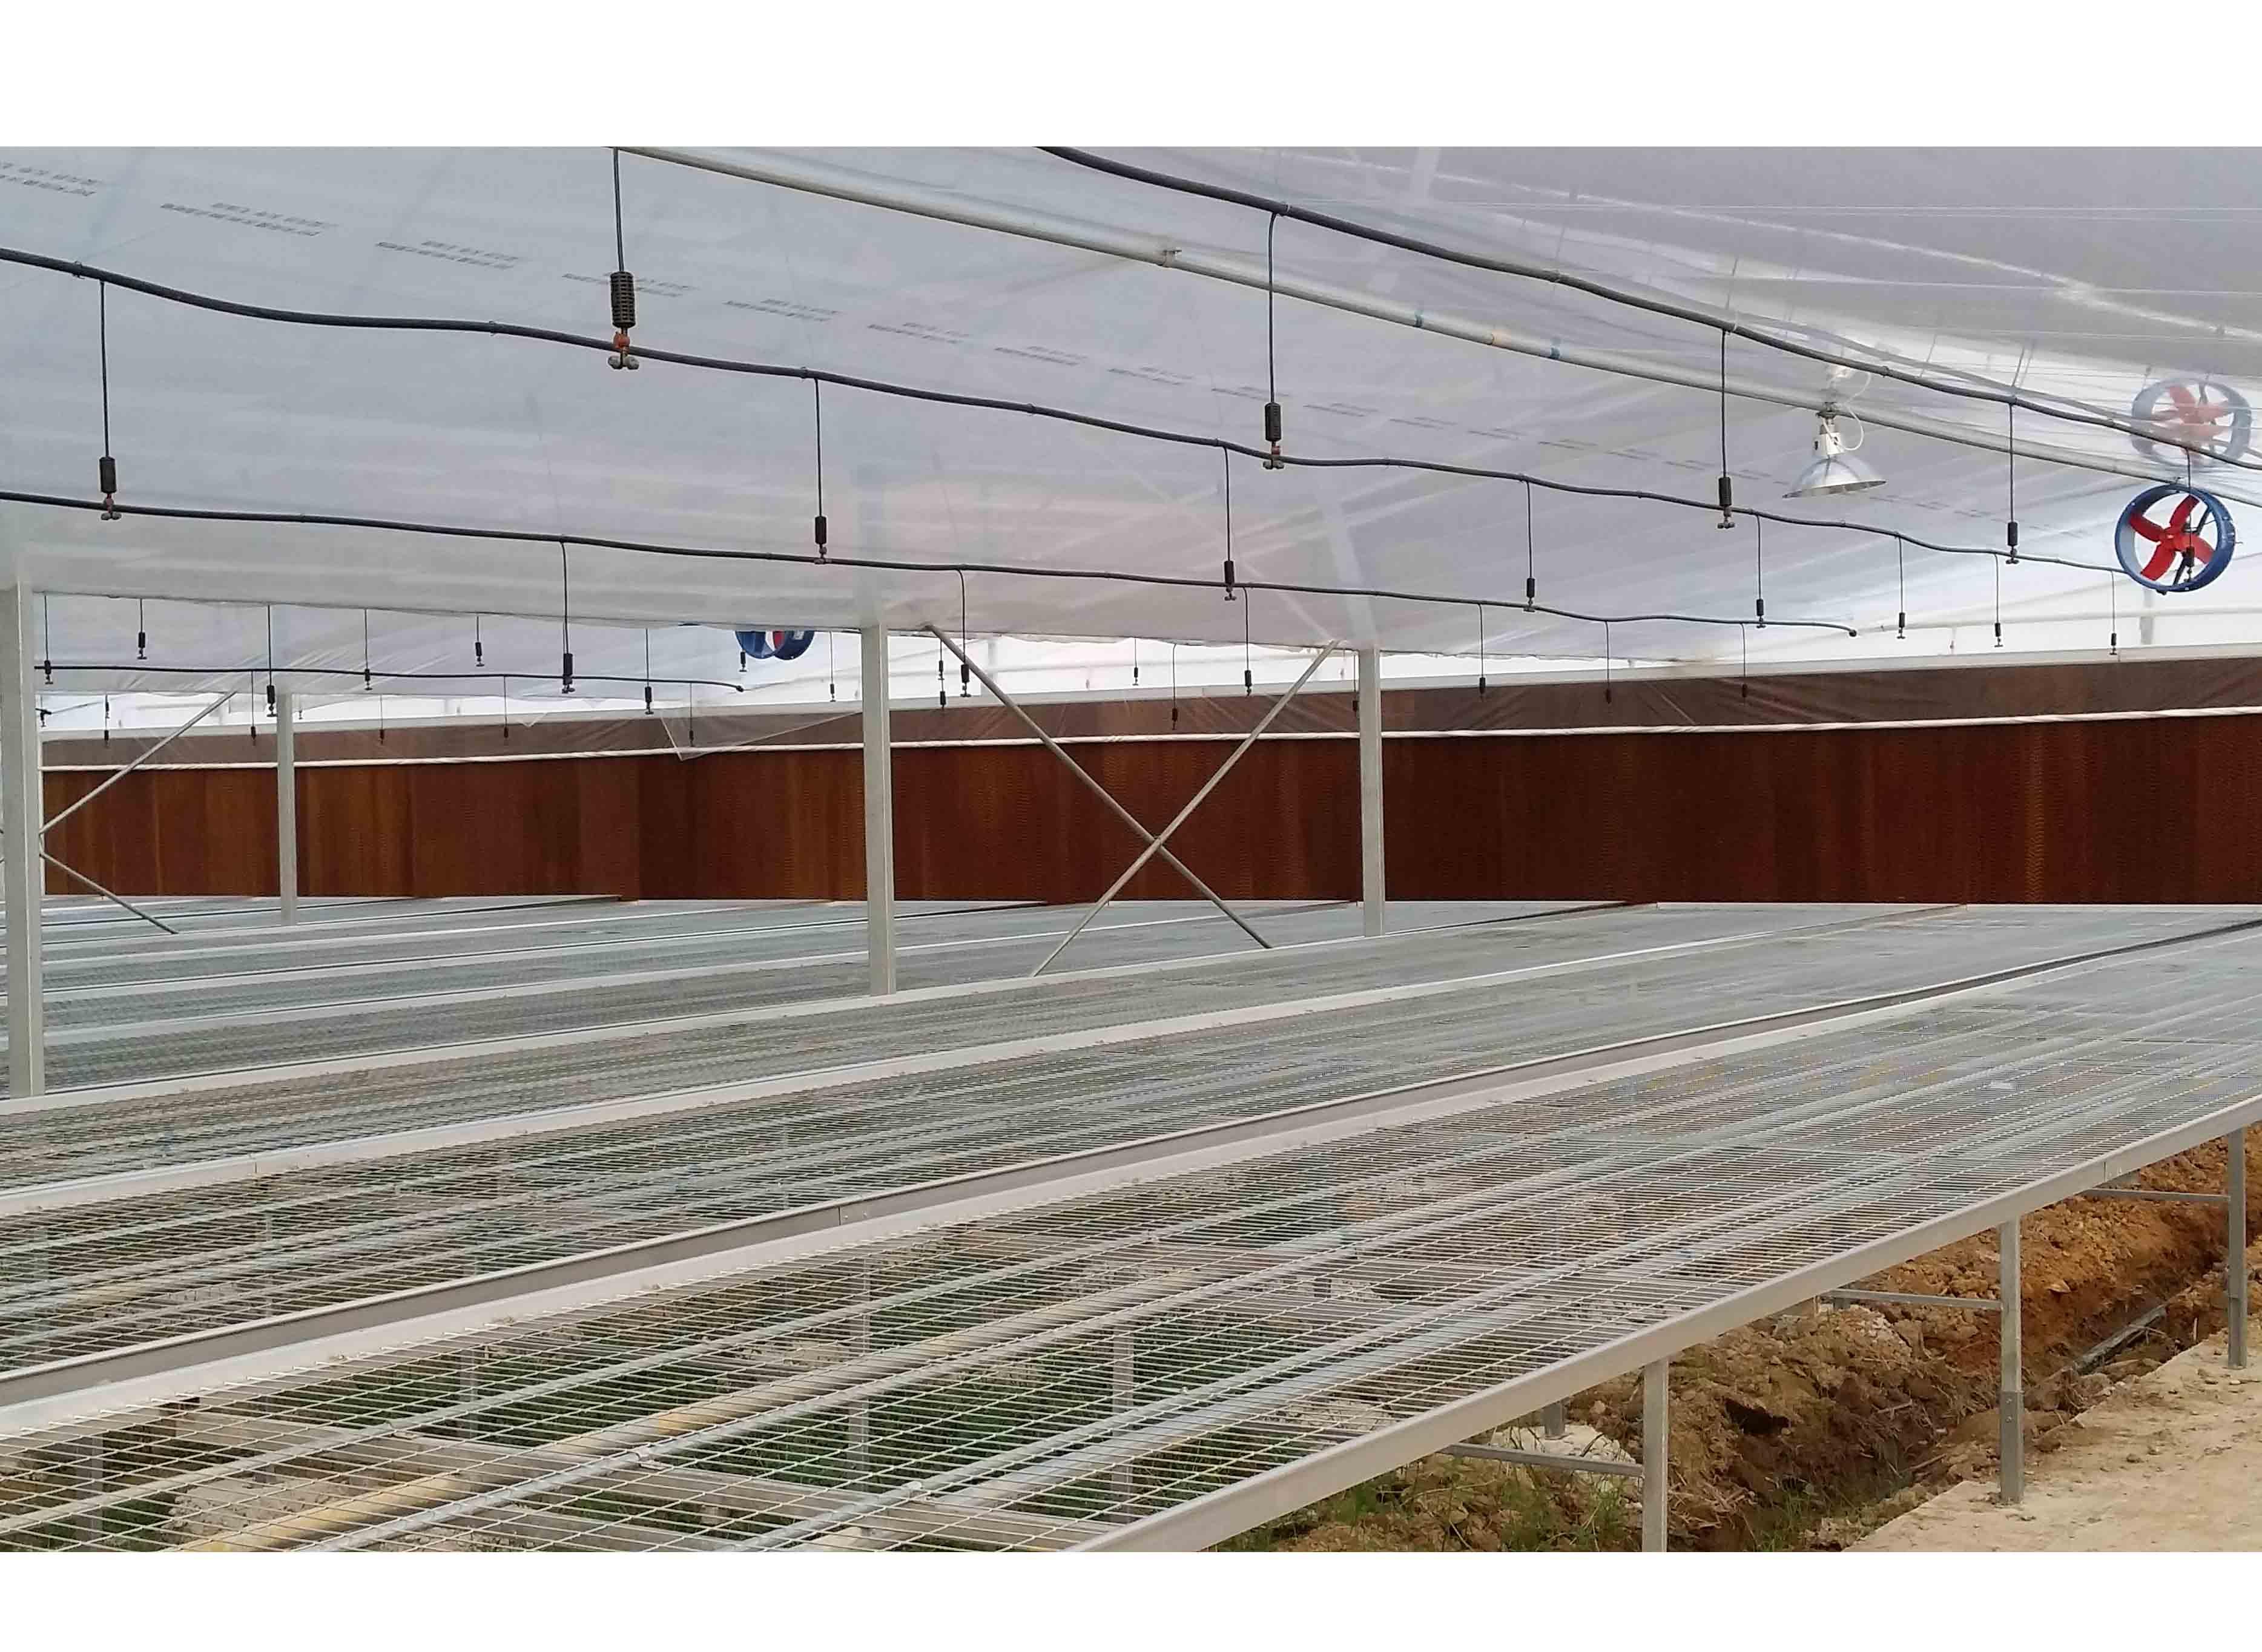 现代薄膜温室大棚五大优点,常用的经济作物都有哪些?